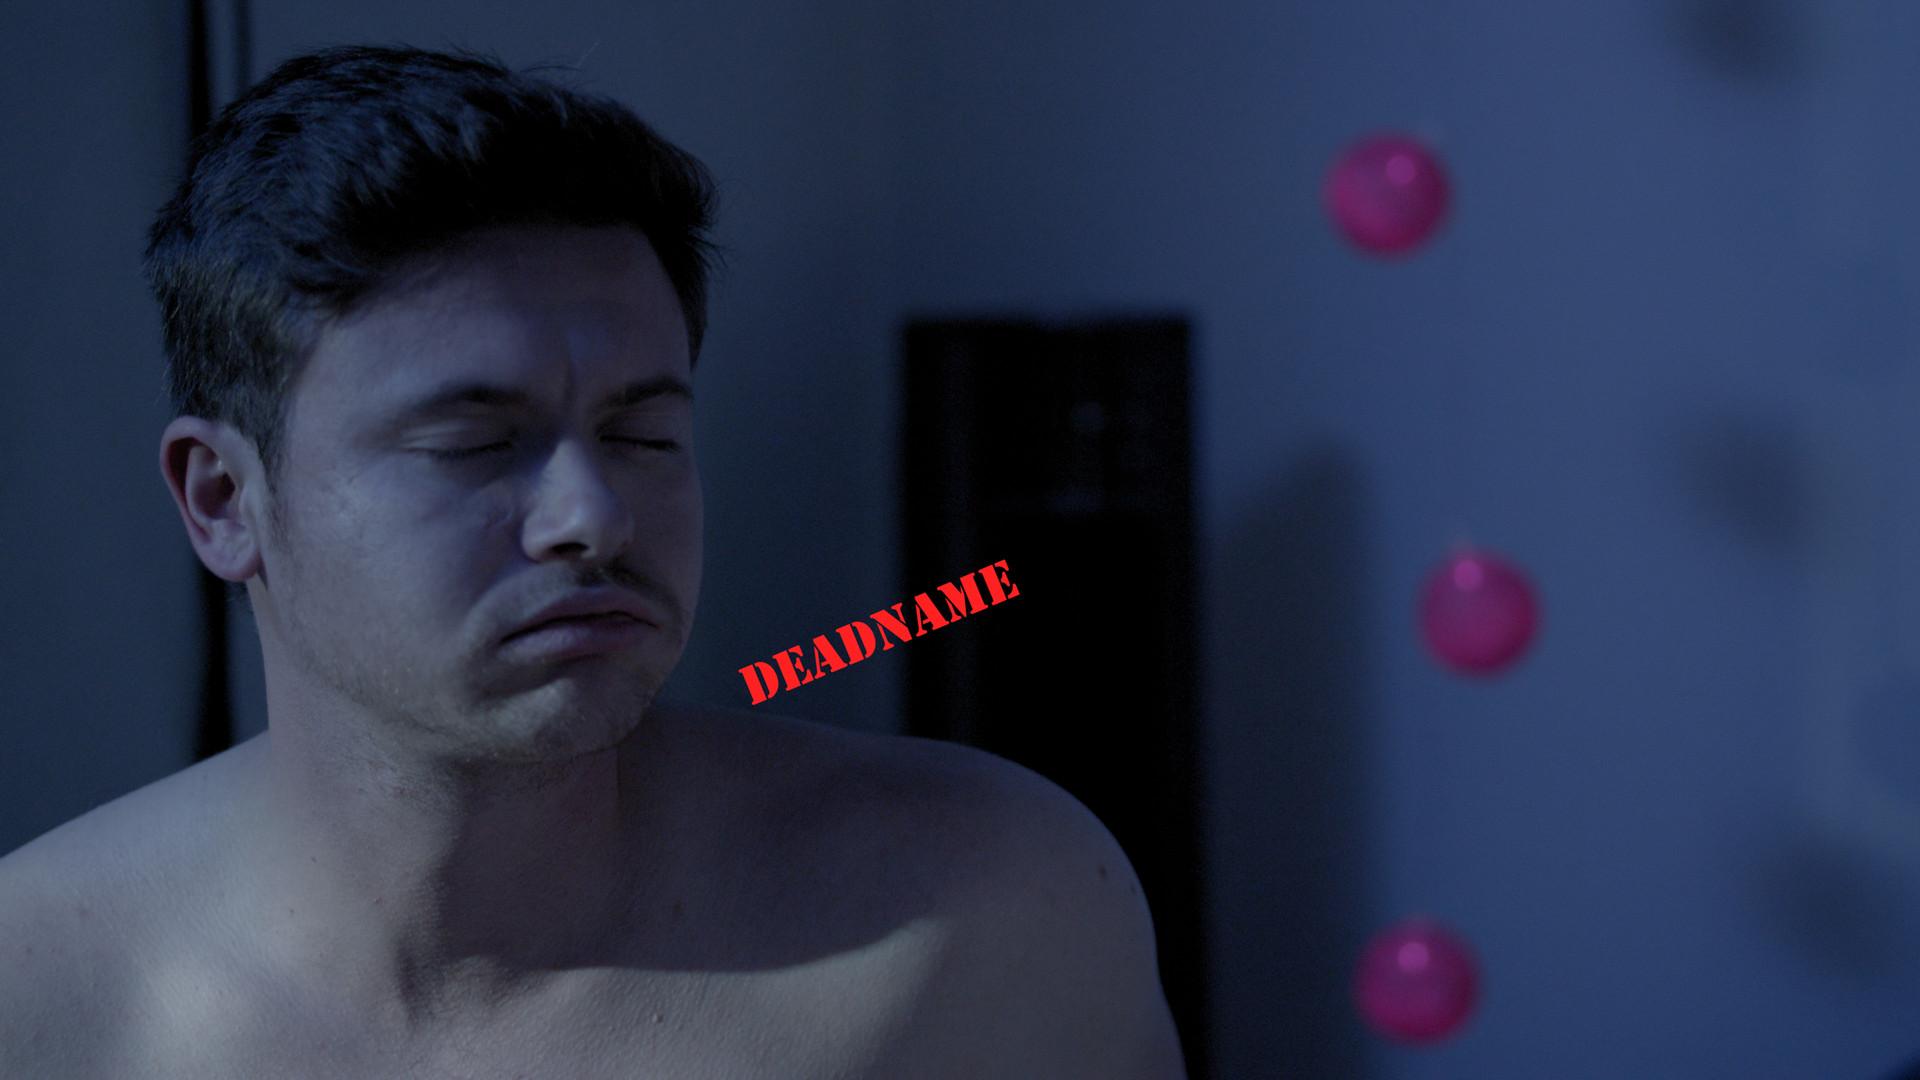 deadname0.jpg